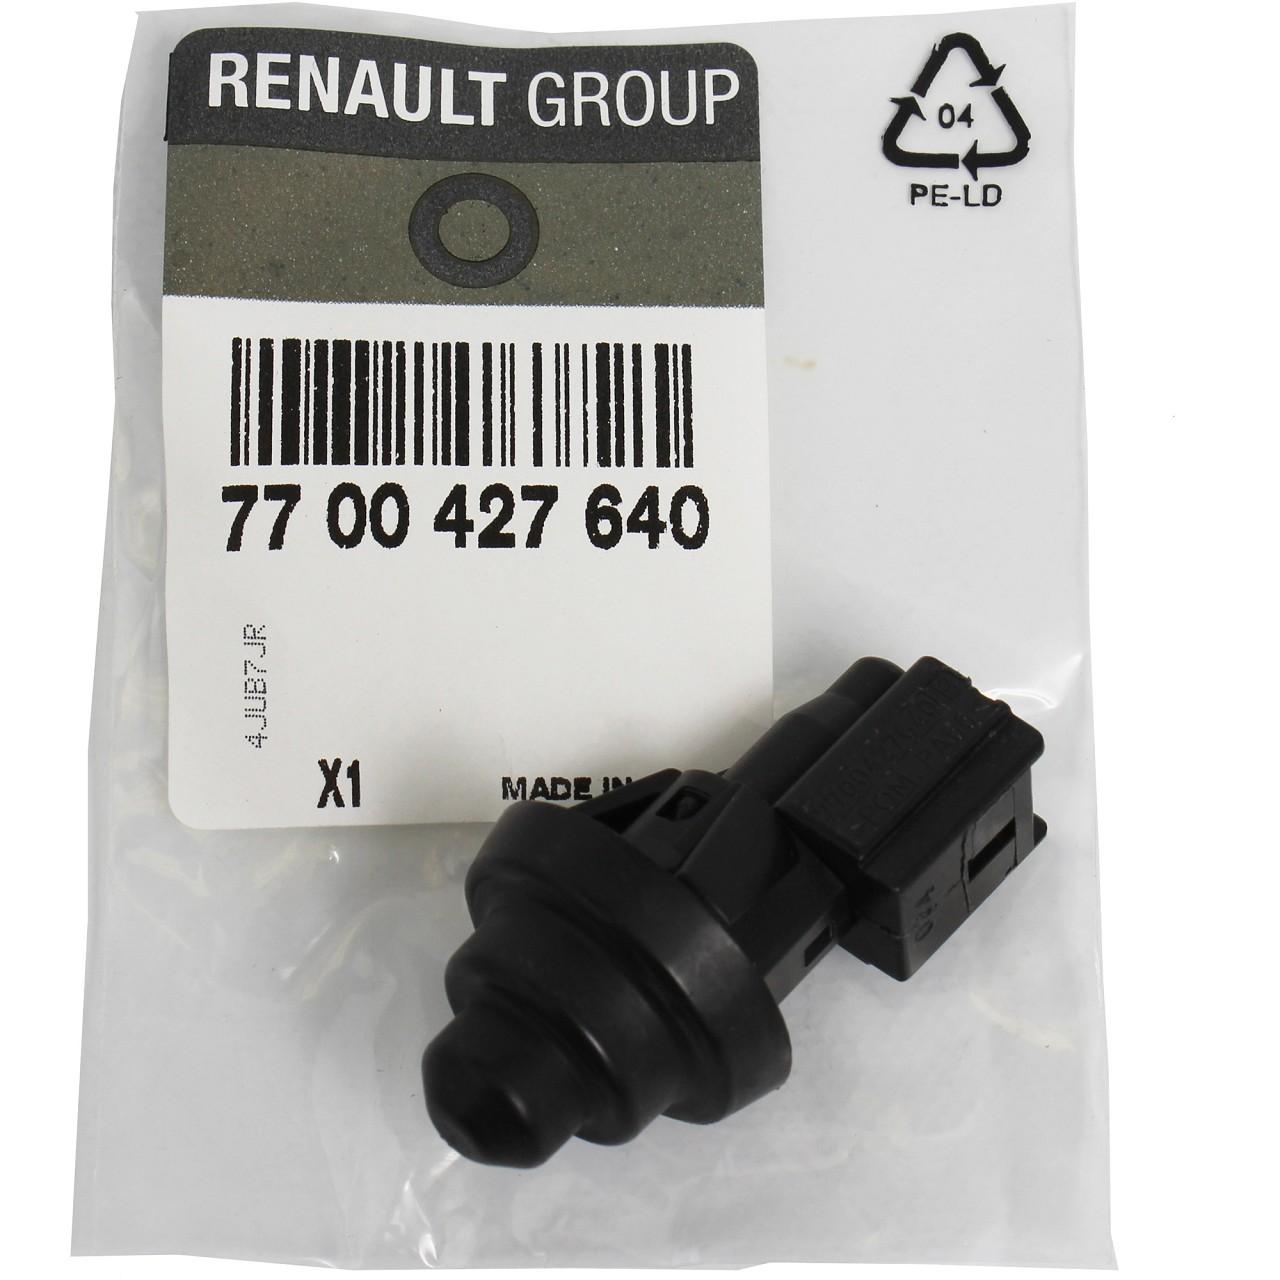 ORIGINAL Renault Türkontaktschalter Türkontakt CLIO II MEGANE SCENIC 7700427640